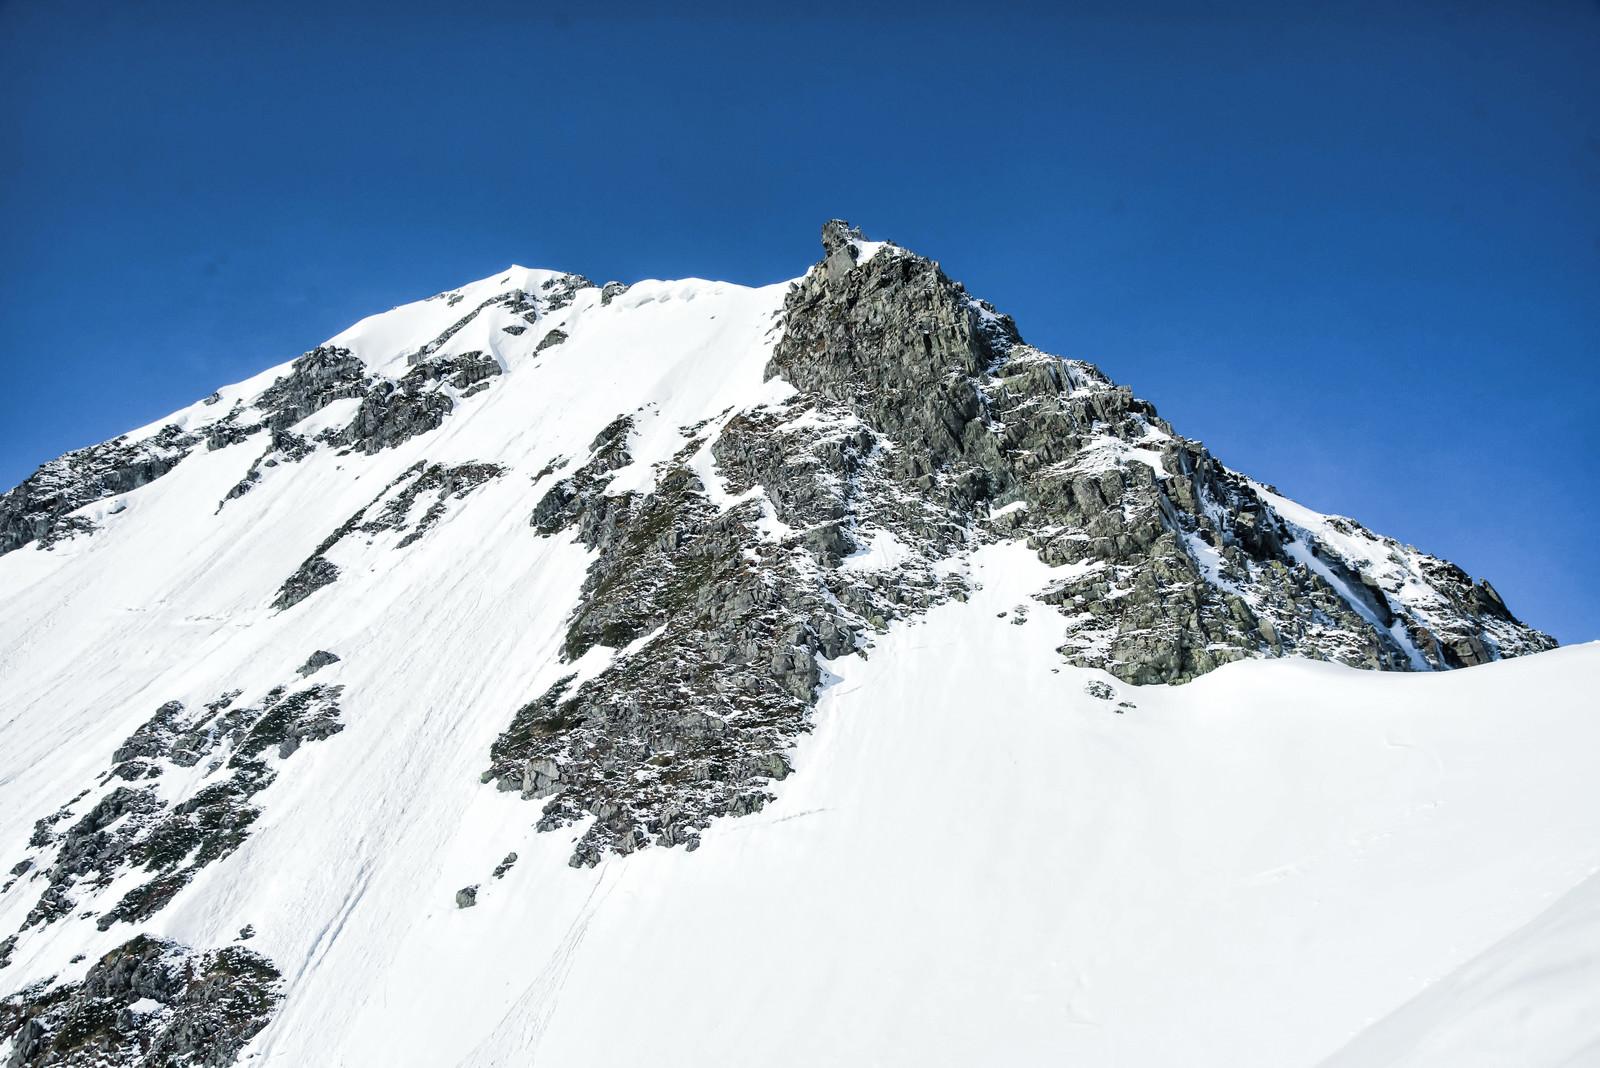 「残雪の奥穂高岳の岩壁(飛騨山脈)」の写真